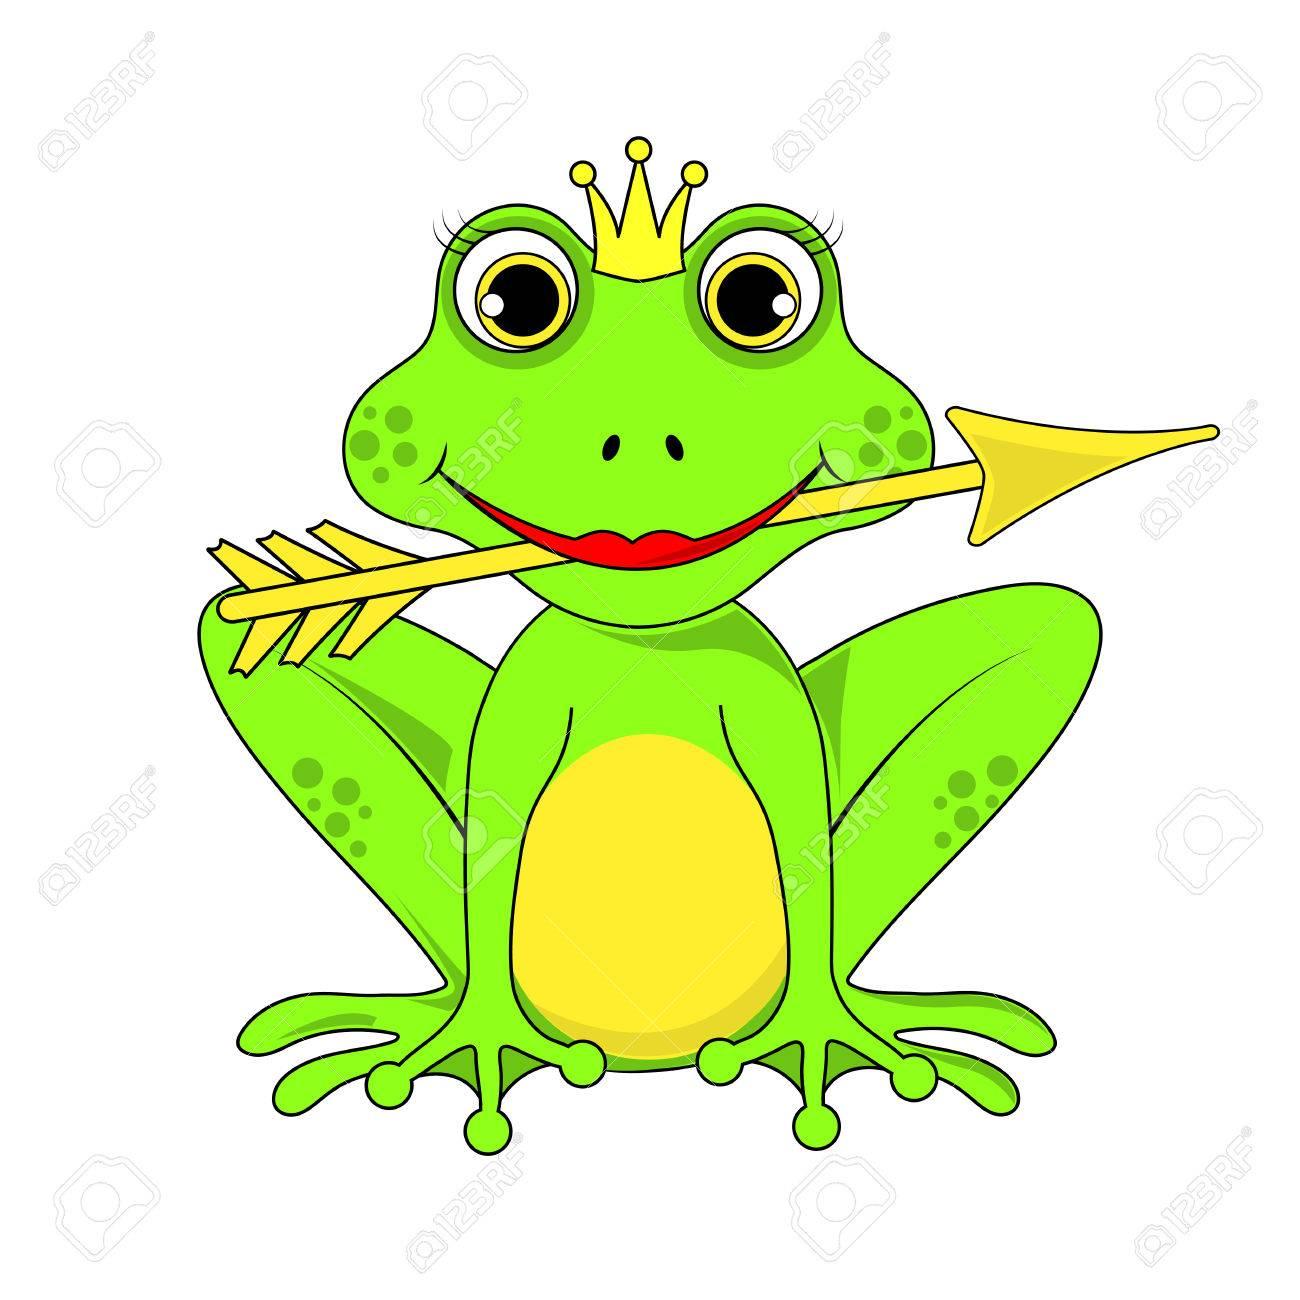 Grenouille Couronne couronne grenouille princesse avec la flèche sur fond blanc dans le